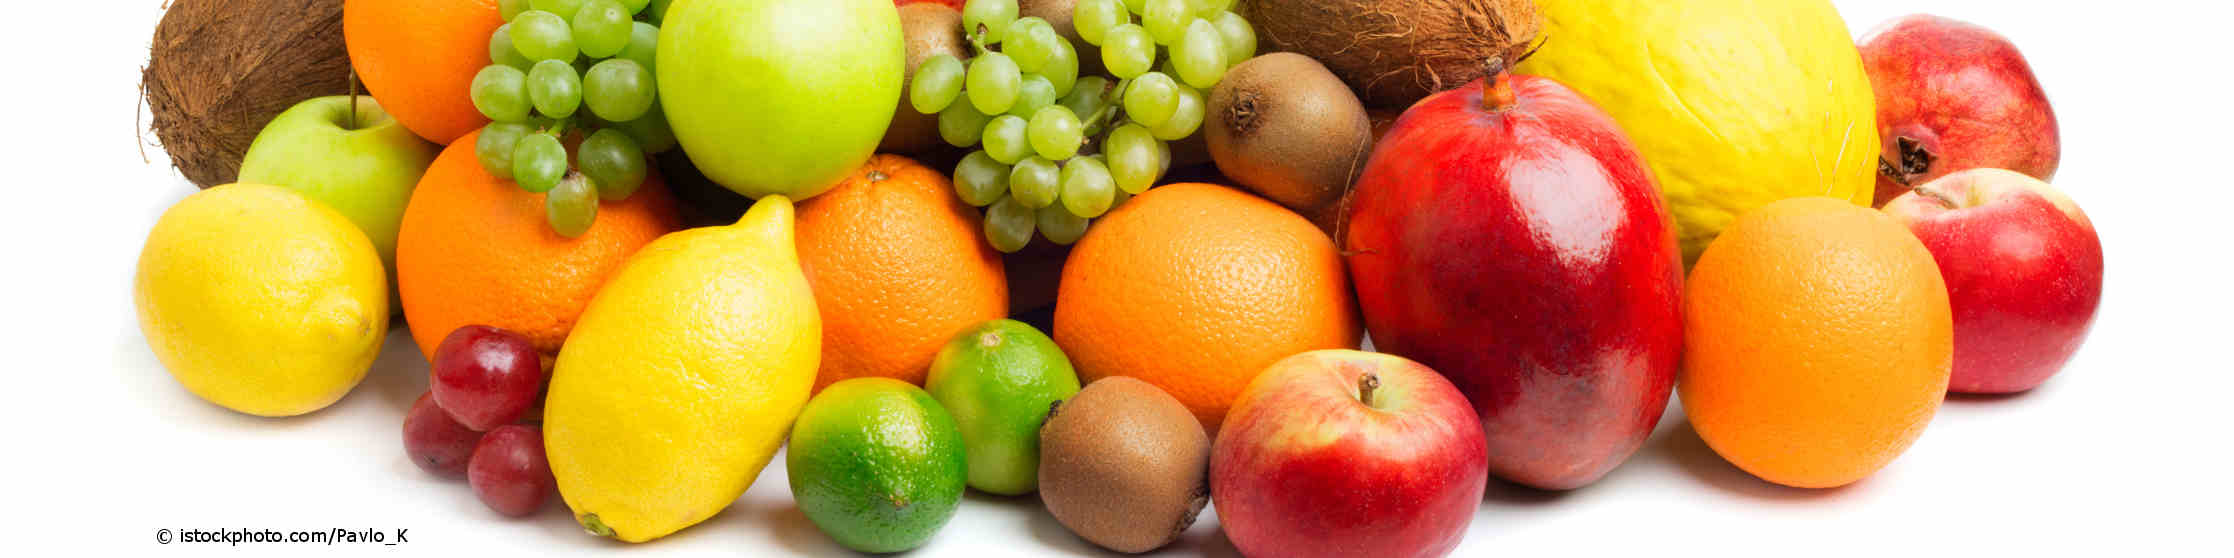 Äpfel, Kiwi, Orangen, Bananen, Zitronen und Trauben können bei Pollenallergikern zu Kreuzallergien führen